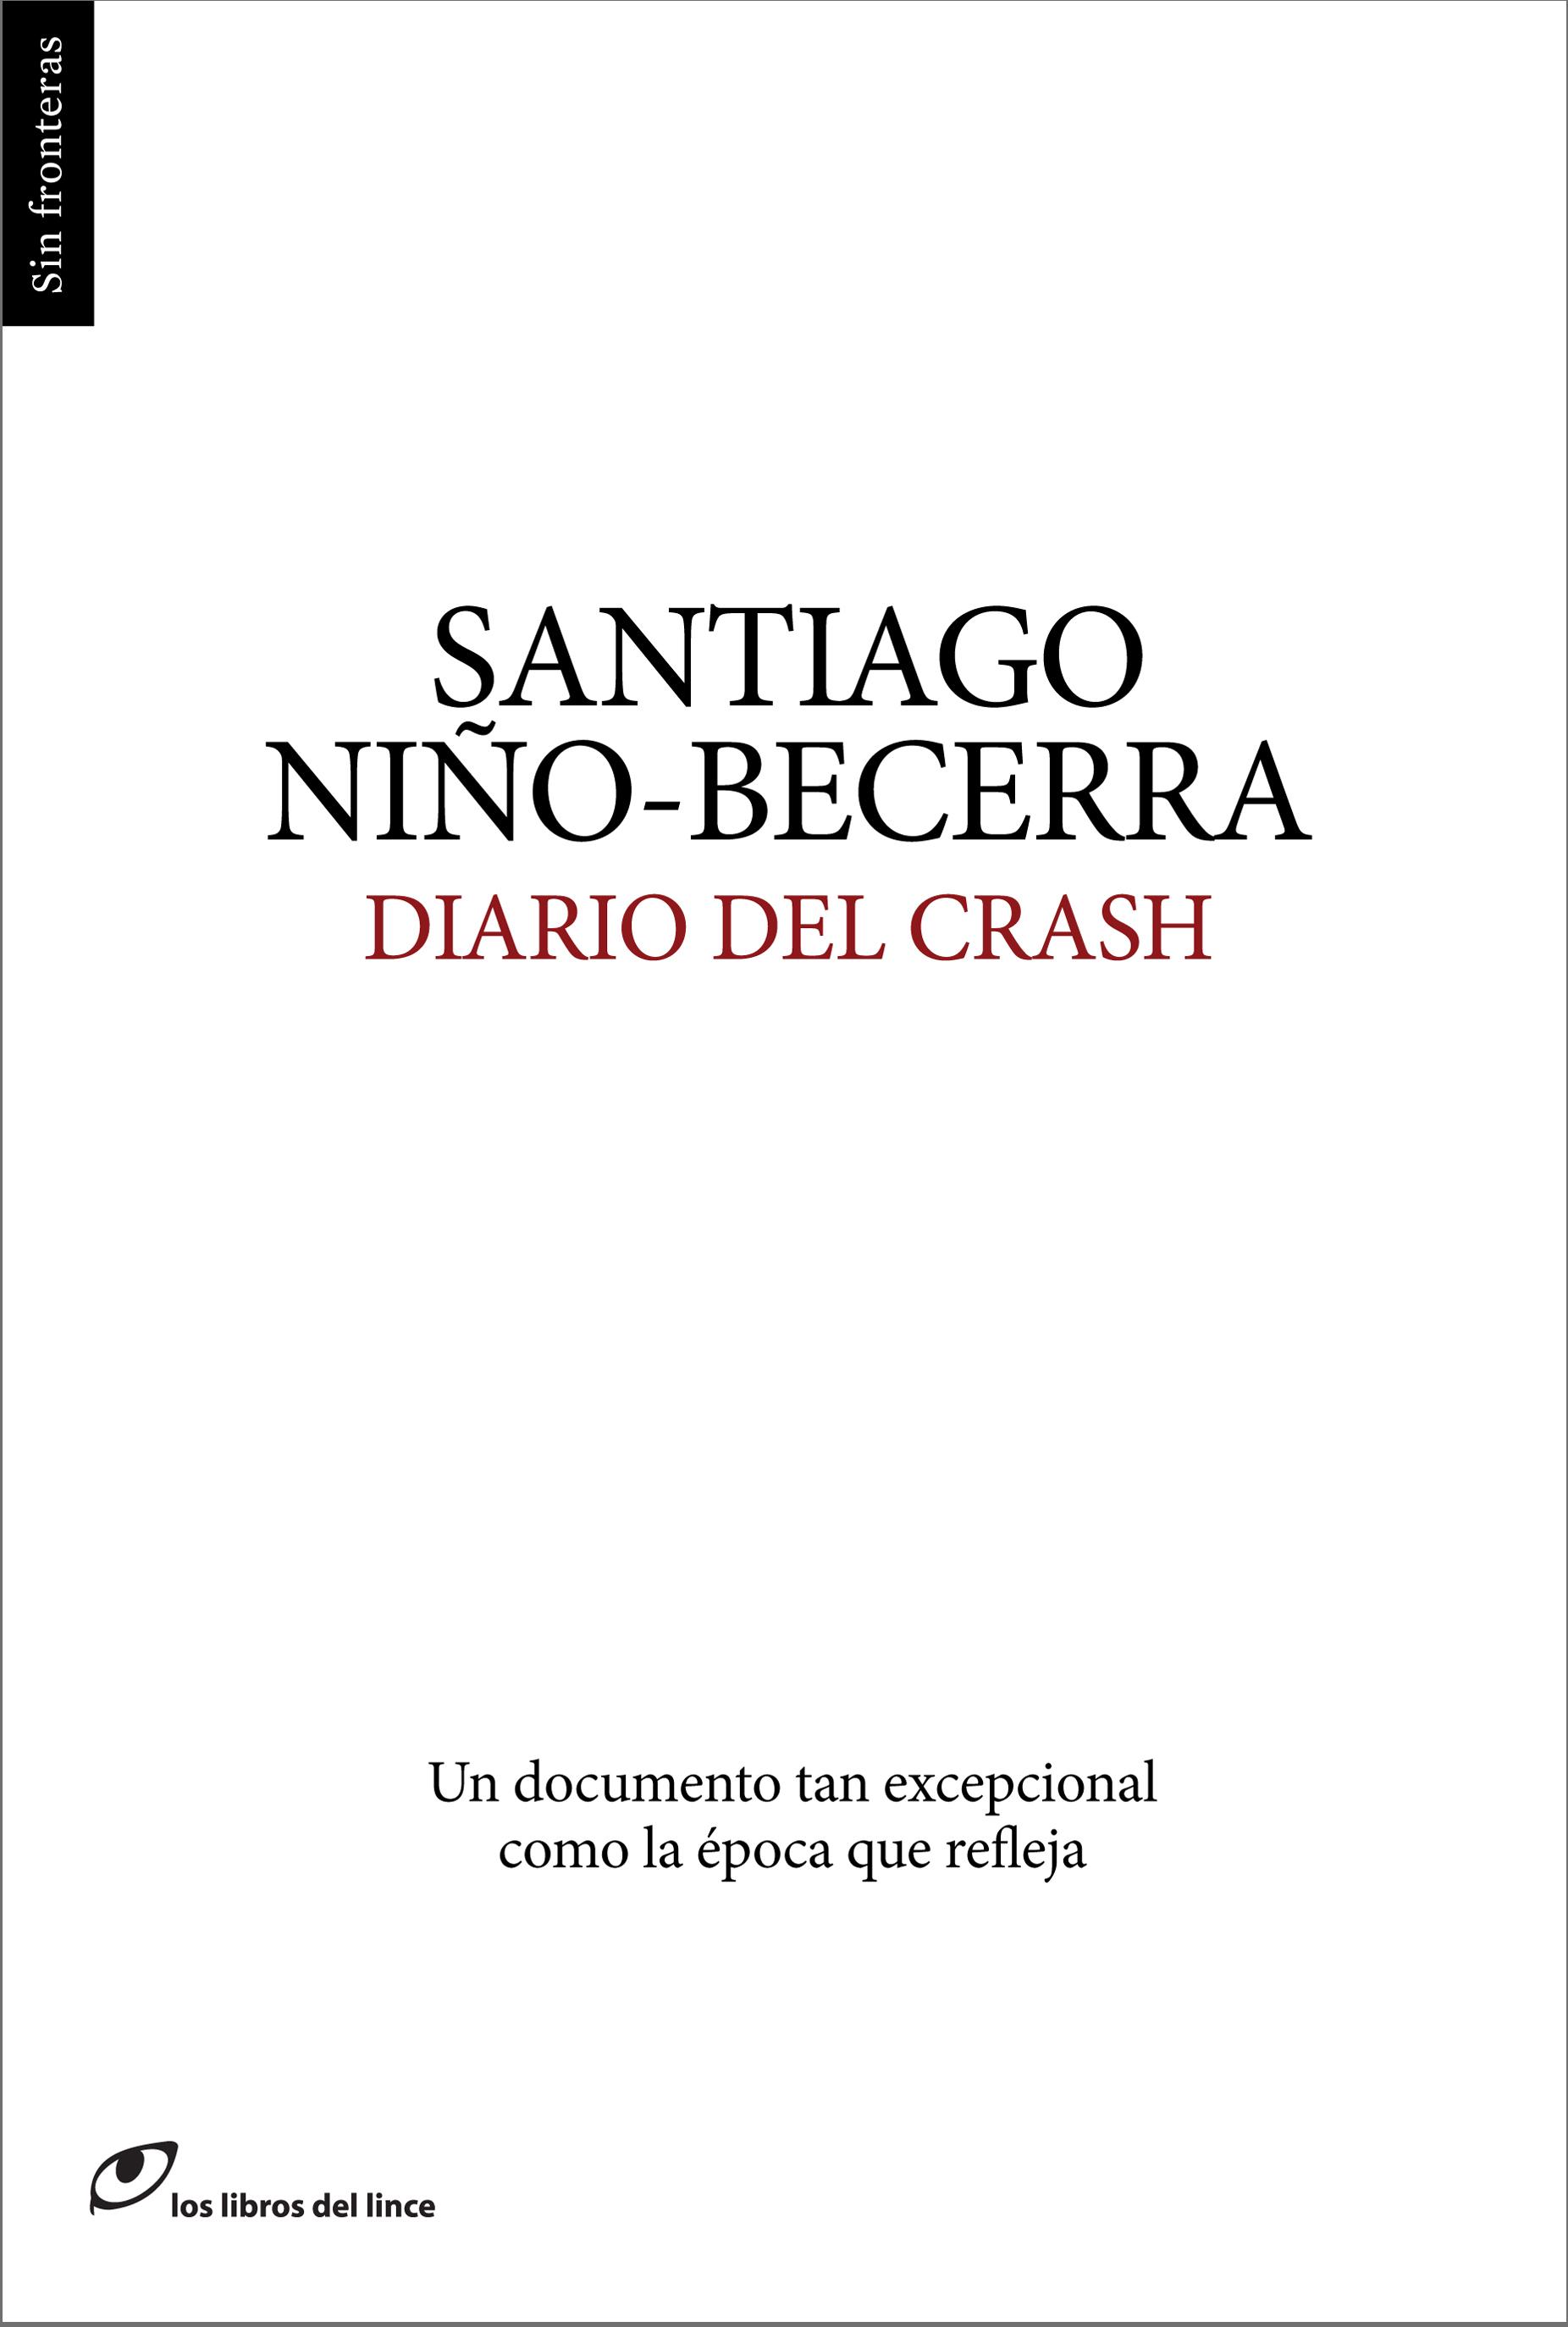 Diario del crash Niño Becerra